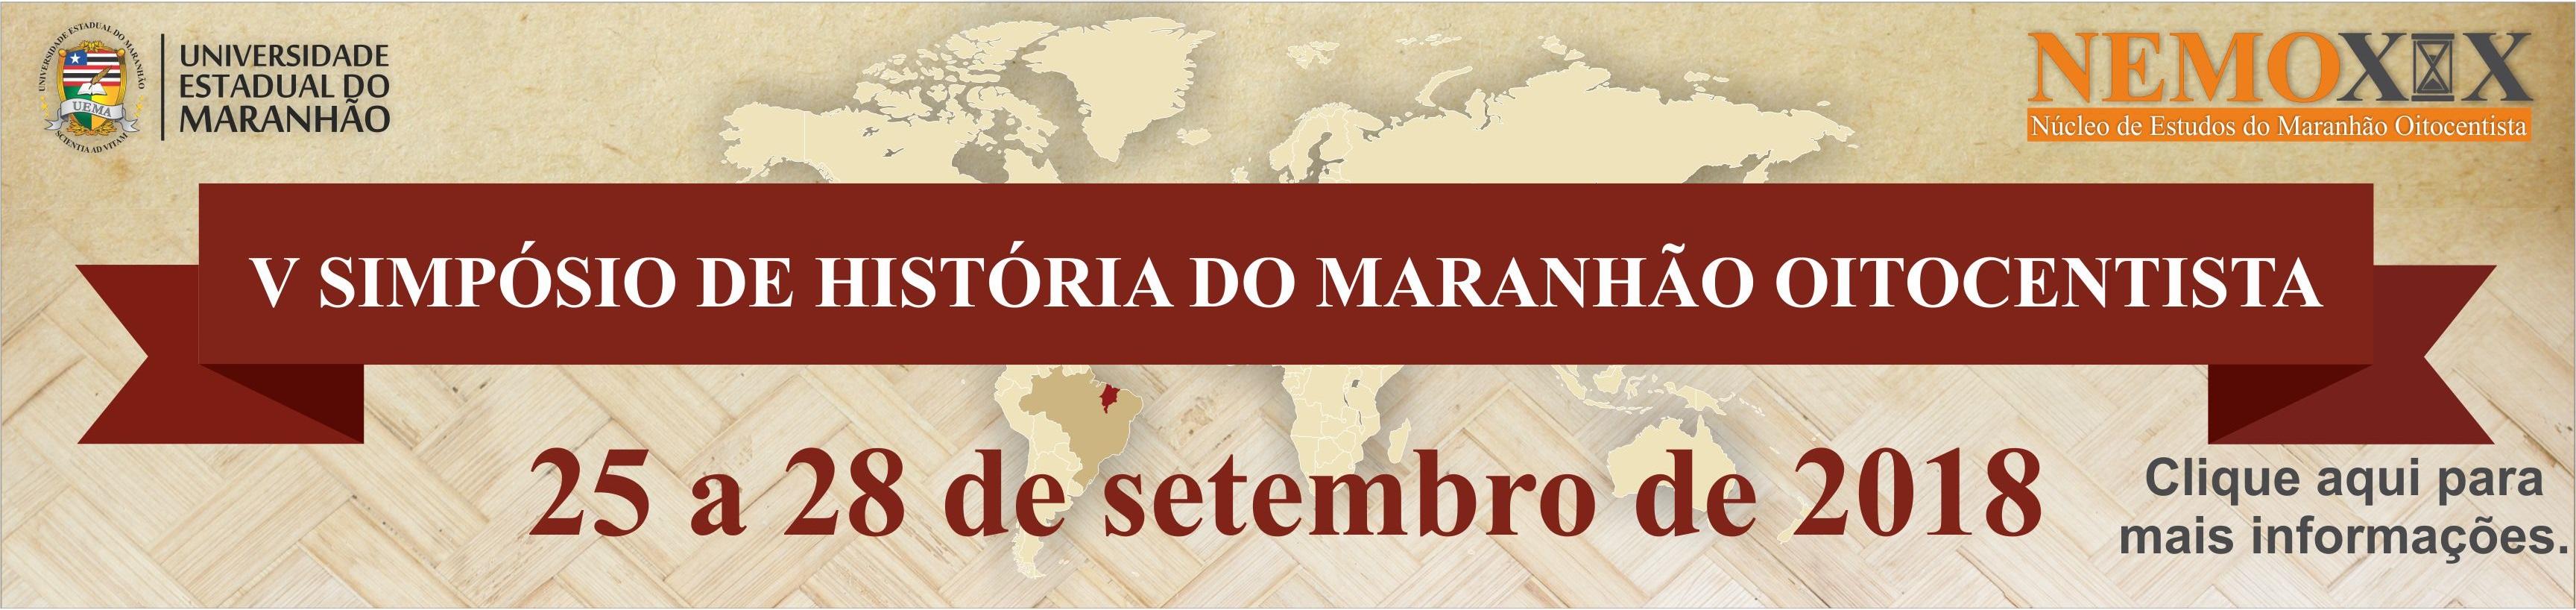 Nemo_logo_divulgação_banner